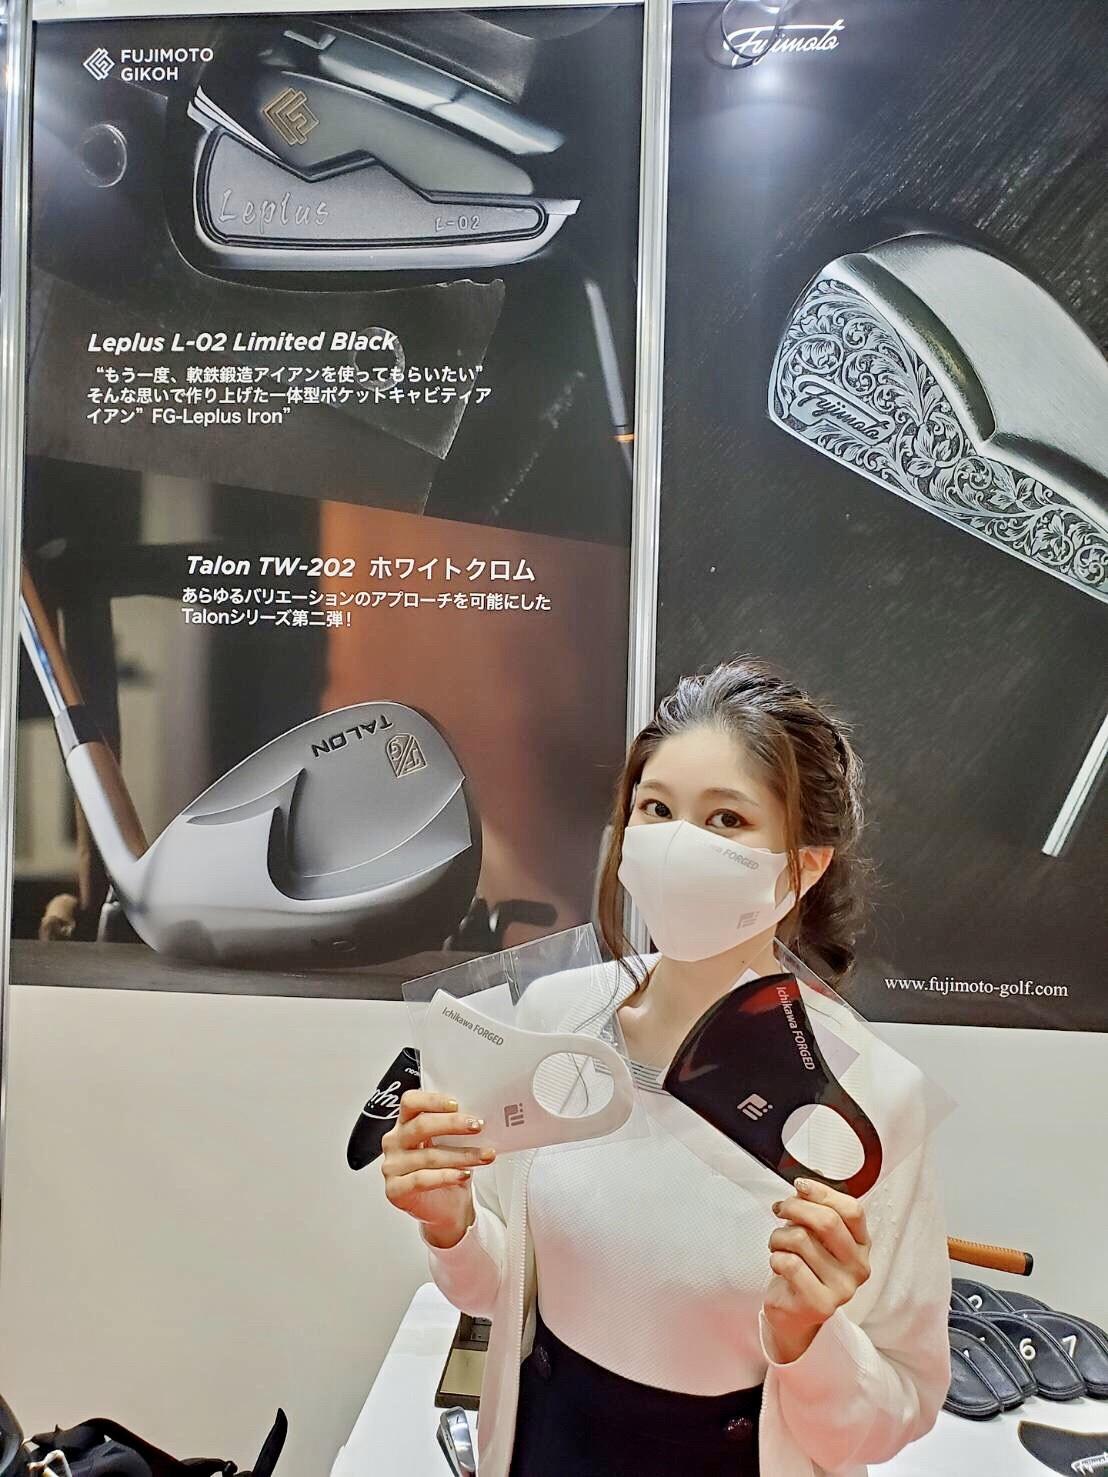 ジャパンゴルフフェア@パシフィコ横浜